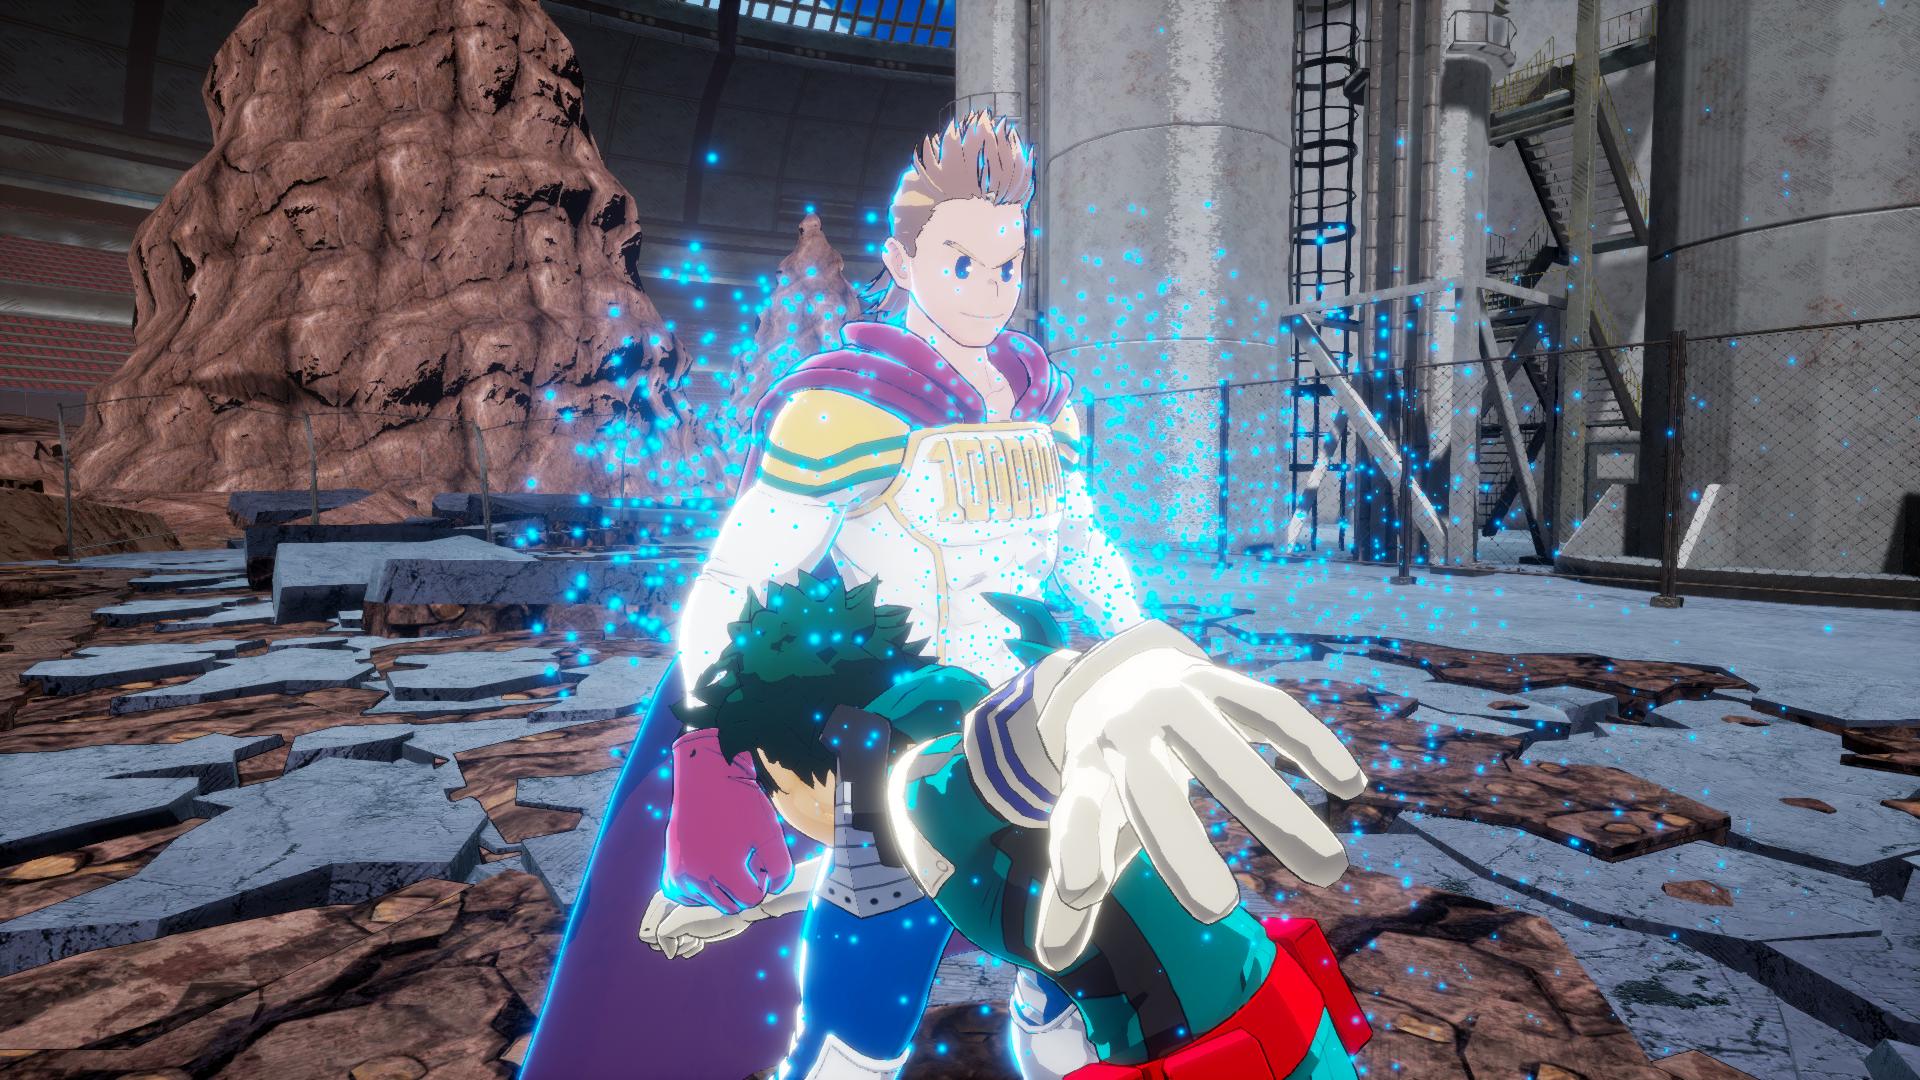 49650621243 800d1aa3d1 o - Ein My Hero One's Justice 2′-Guide zu den neuen Charakteren des Arena Fighters für PS4